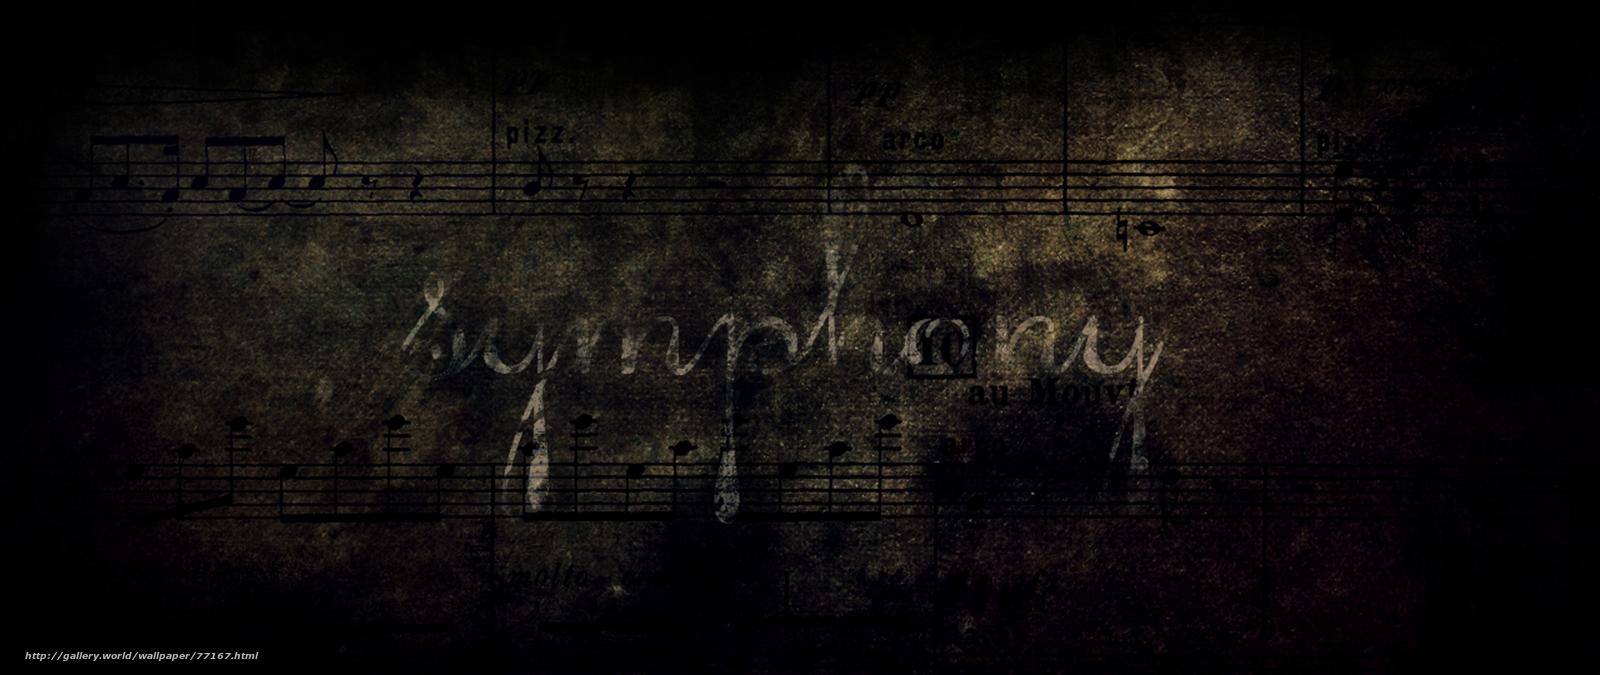 下载壁纸 交响乐, 音乐